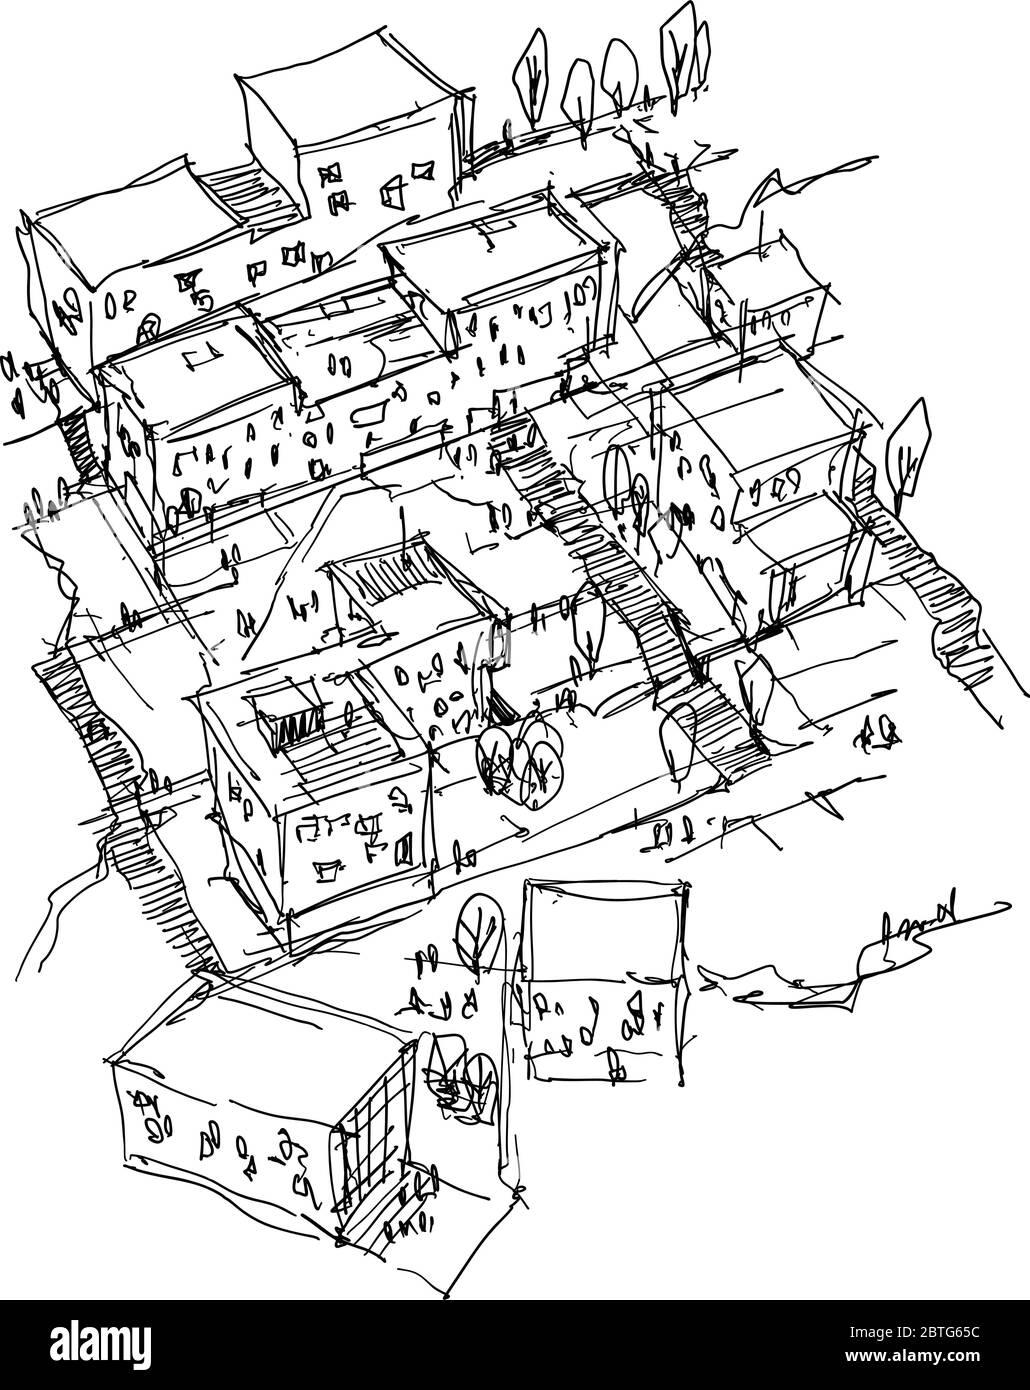 croquis architectural dessiné à la main d'un urbanisme moderne avec des buidlings et des gens autour Illustration de Vecteur